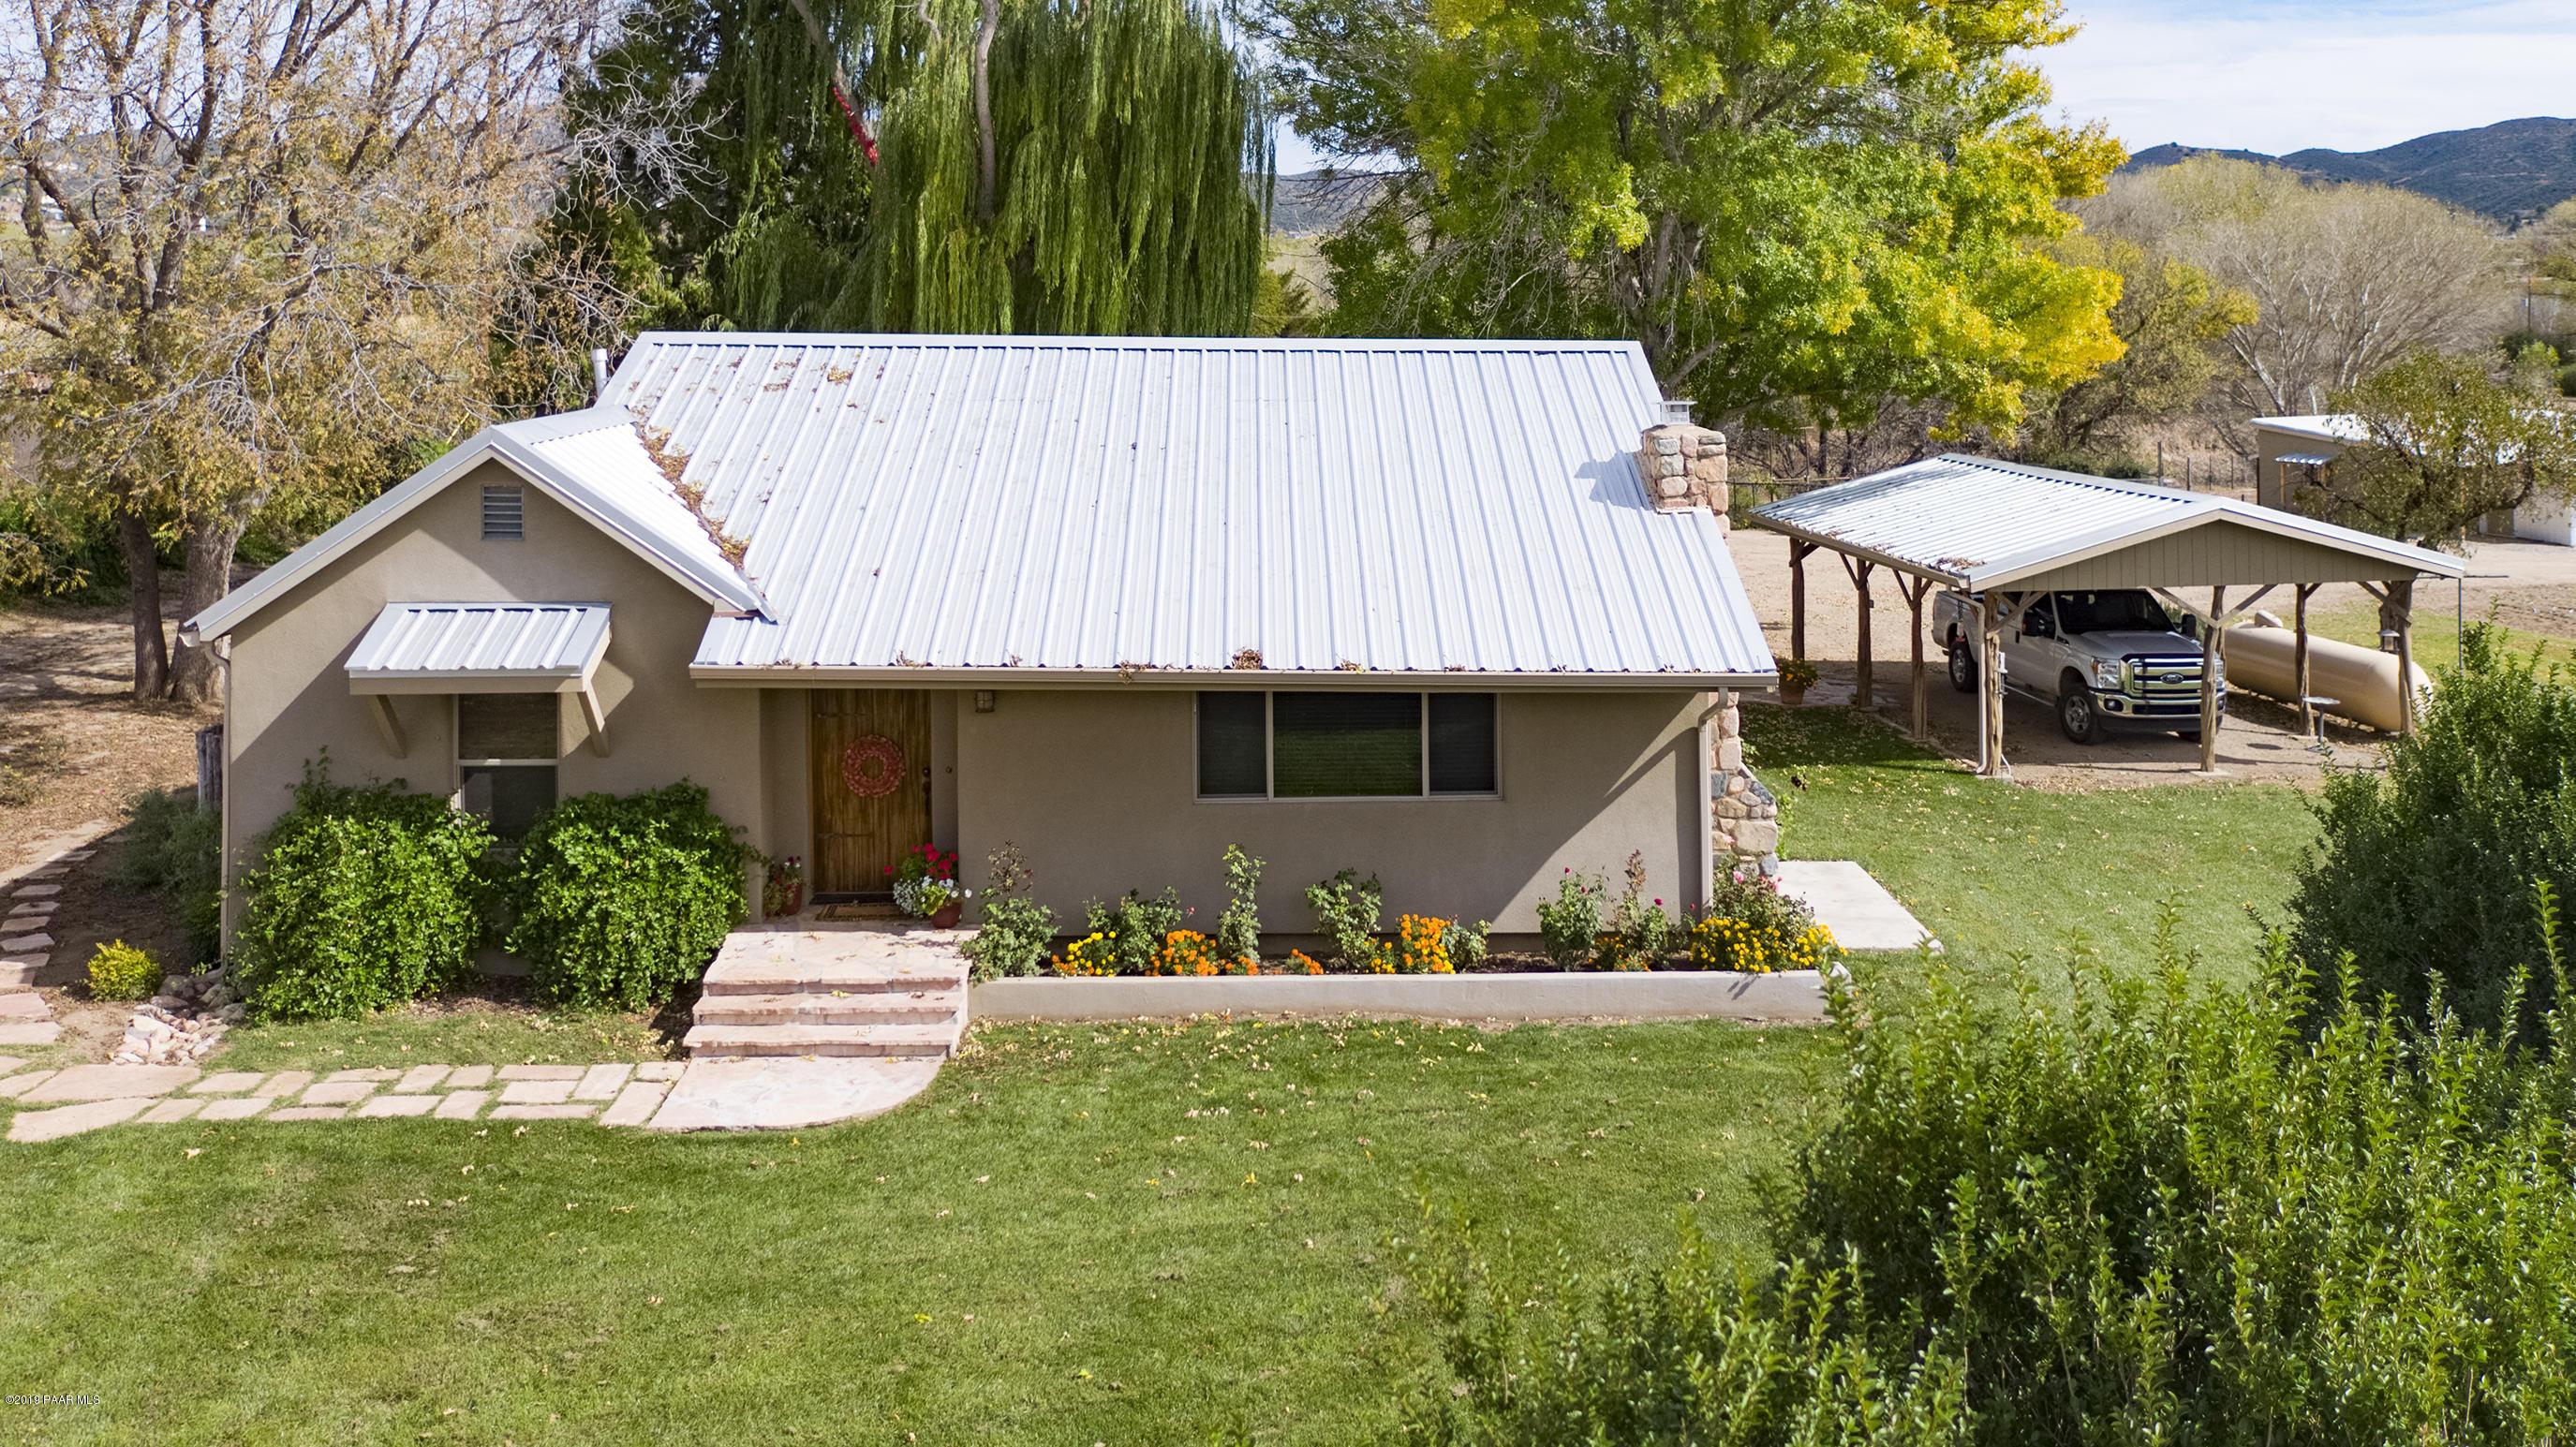 Photo of Dewey-Humboldt, AZ 86327